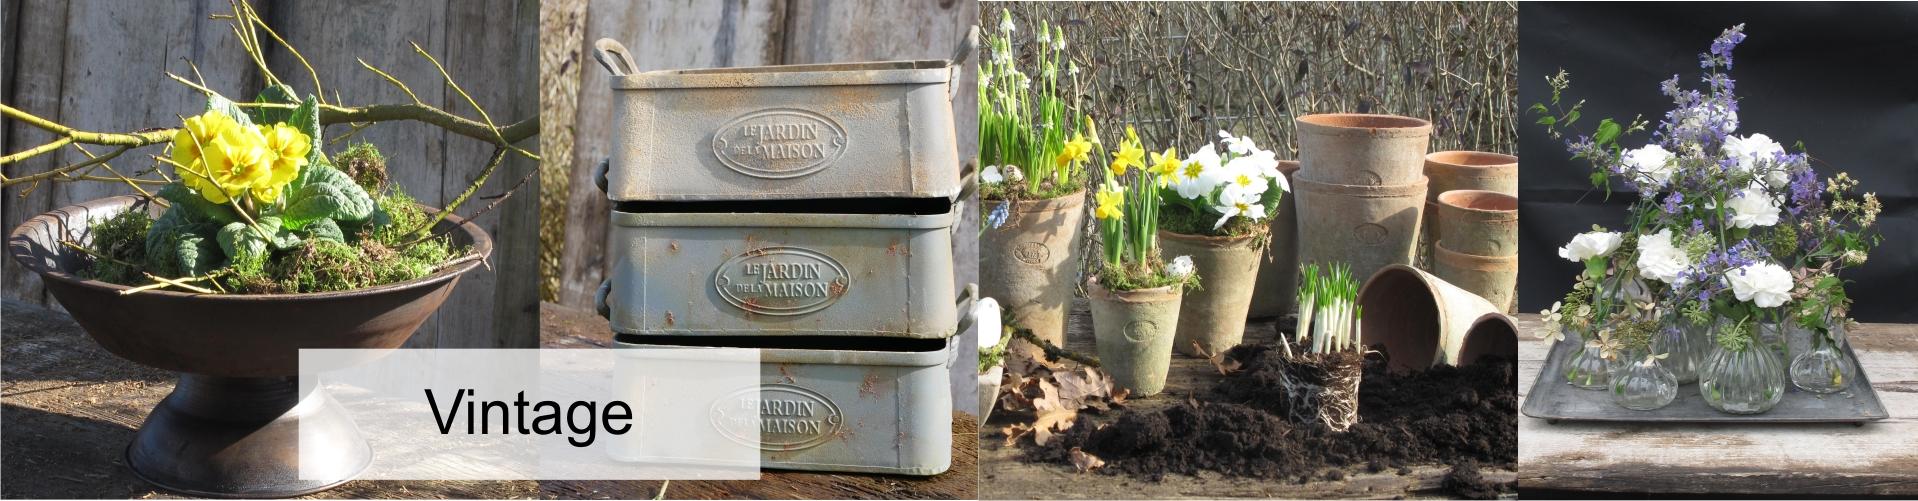 Vintage - Deko für Haus u. Garten - Hortulus-Uphoff